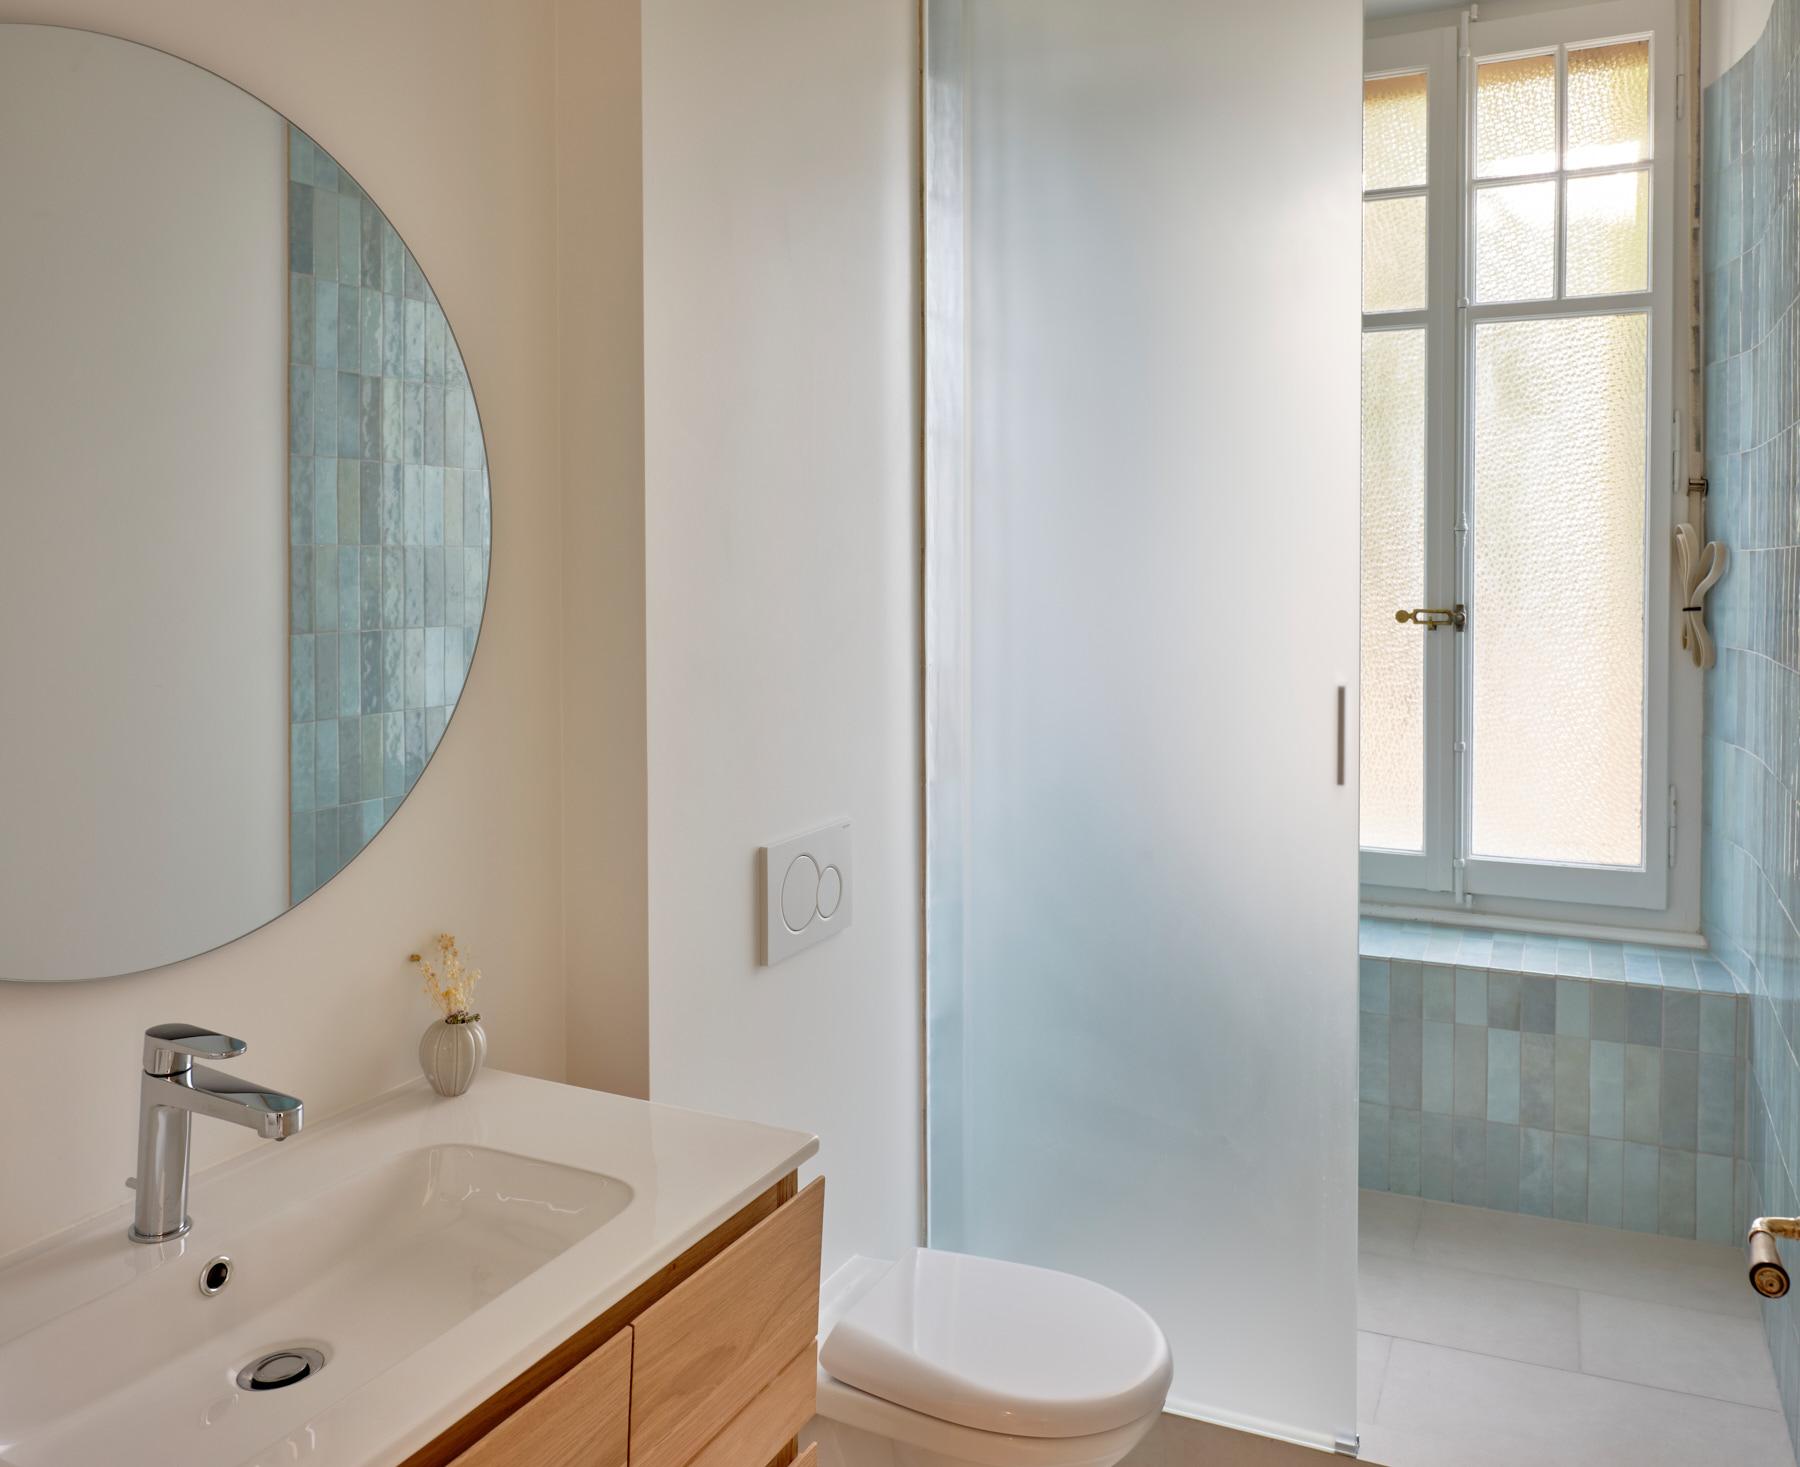 Transformations intérieures - salle de bain - shape architecture - Lausanne